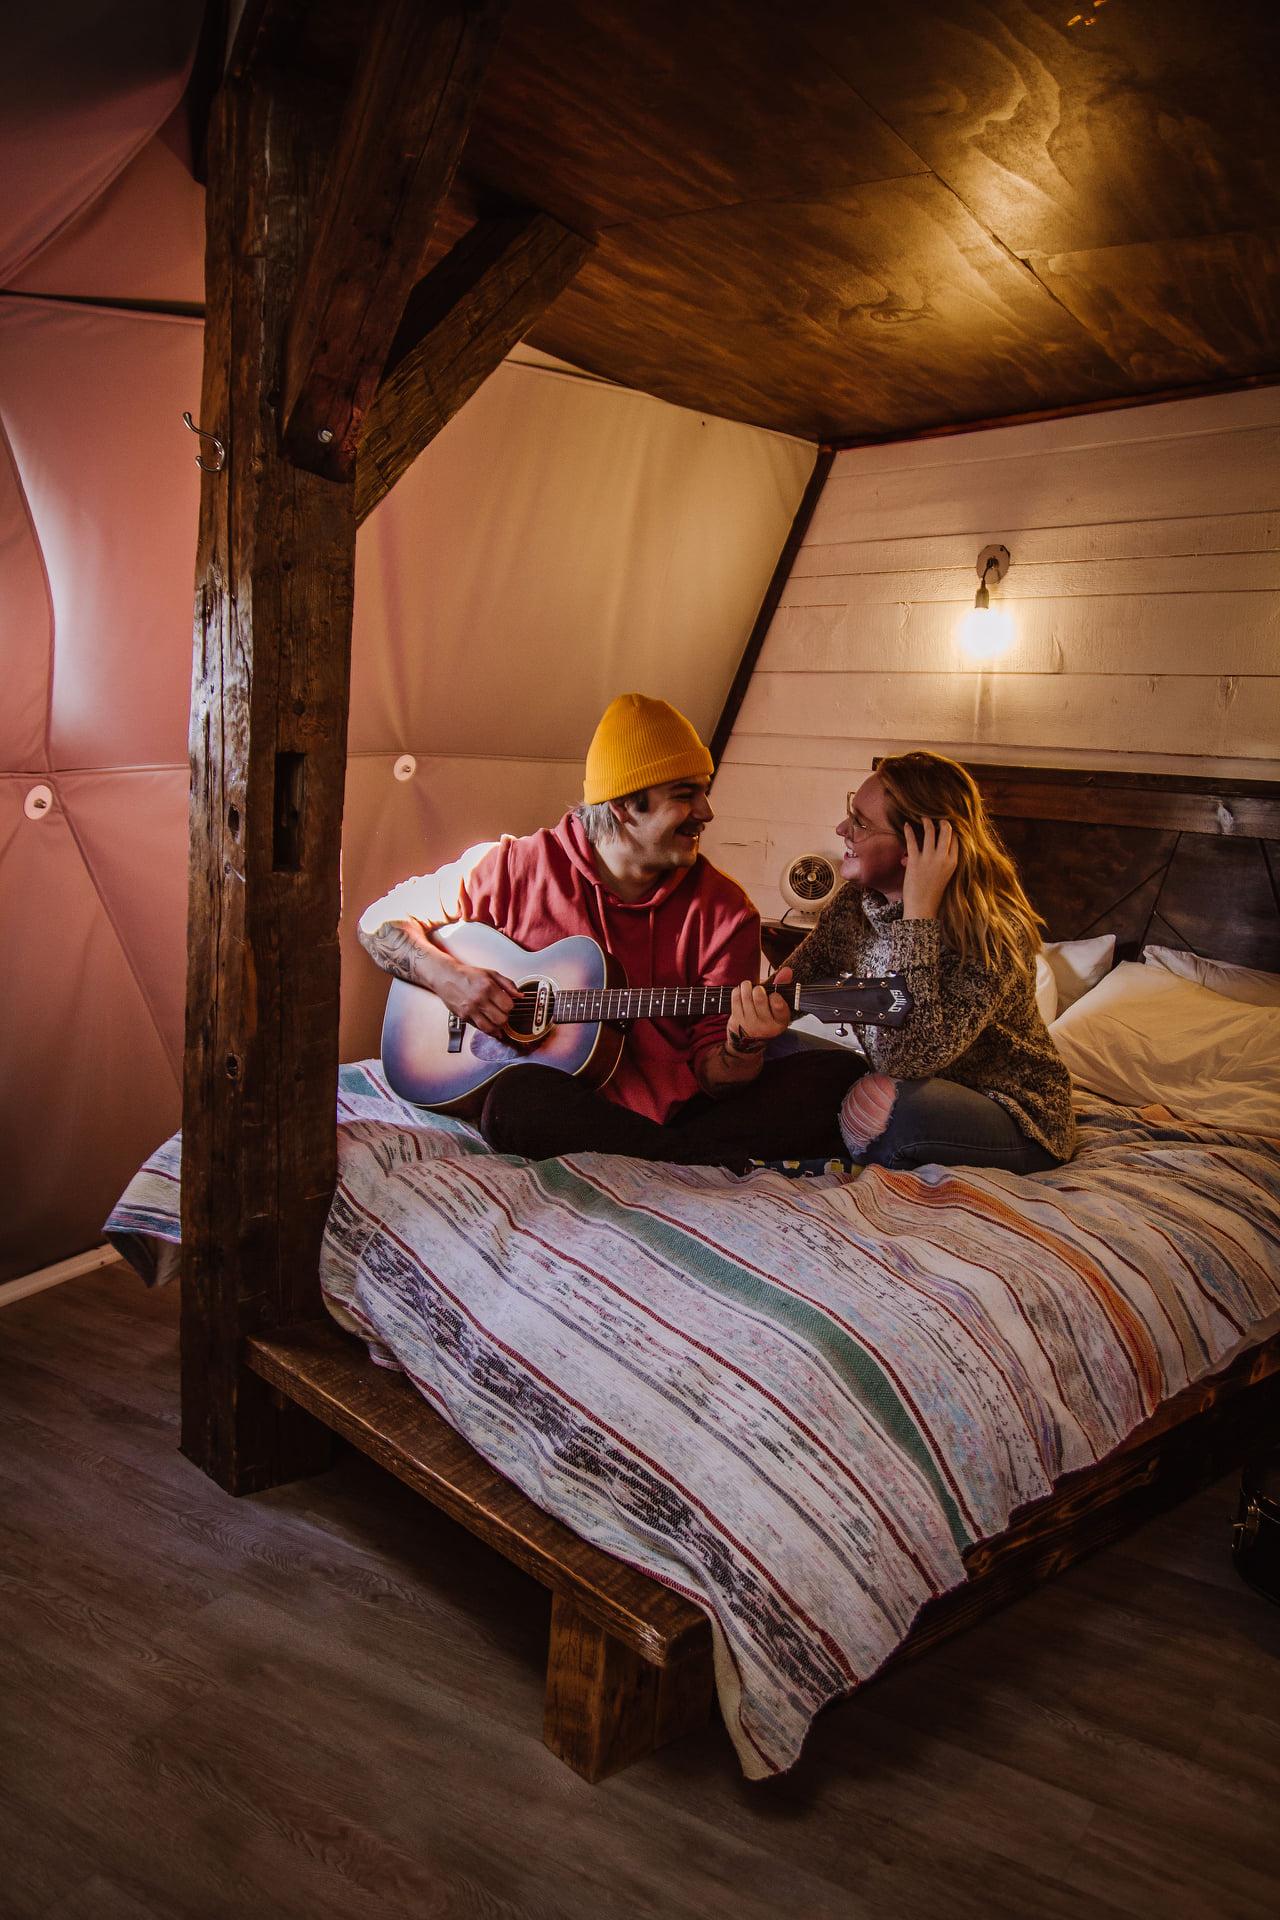 Deux personnes qui jouent de la guitare sur un lit - Glamping Cielo